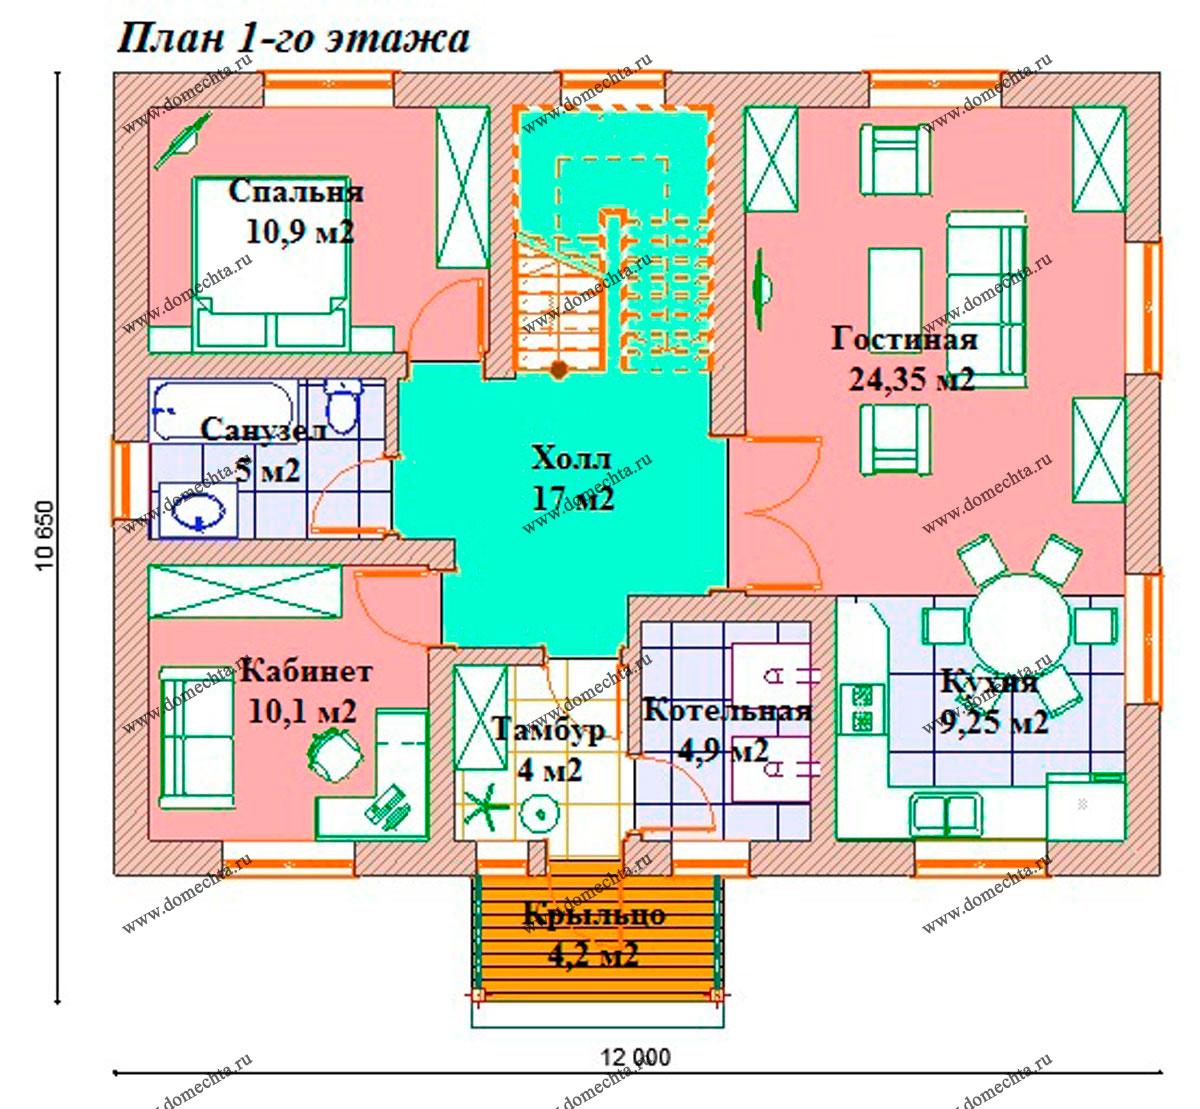 Дом из пеноблоков 134 м2. План 1-го этажа